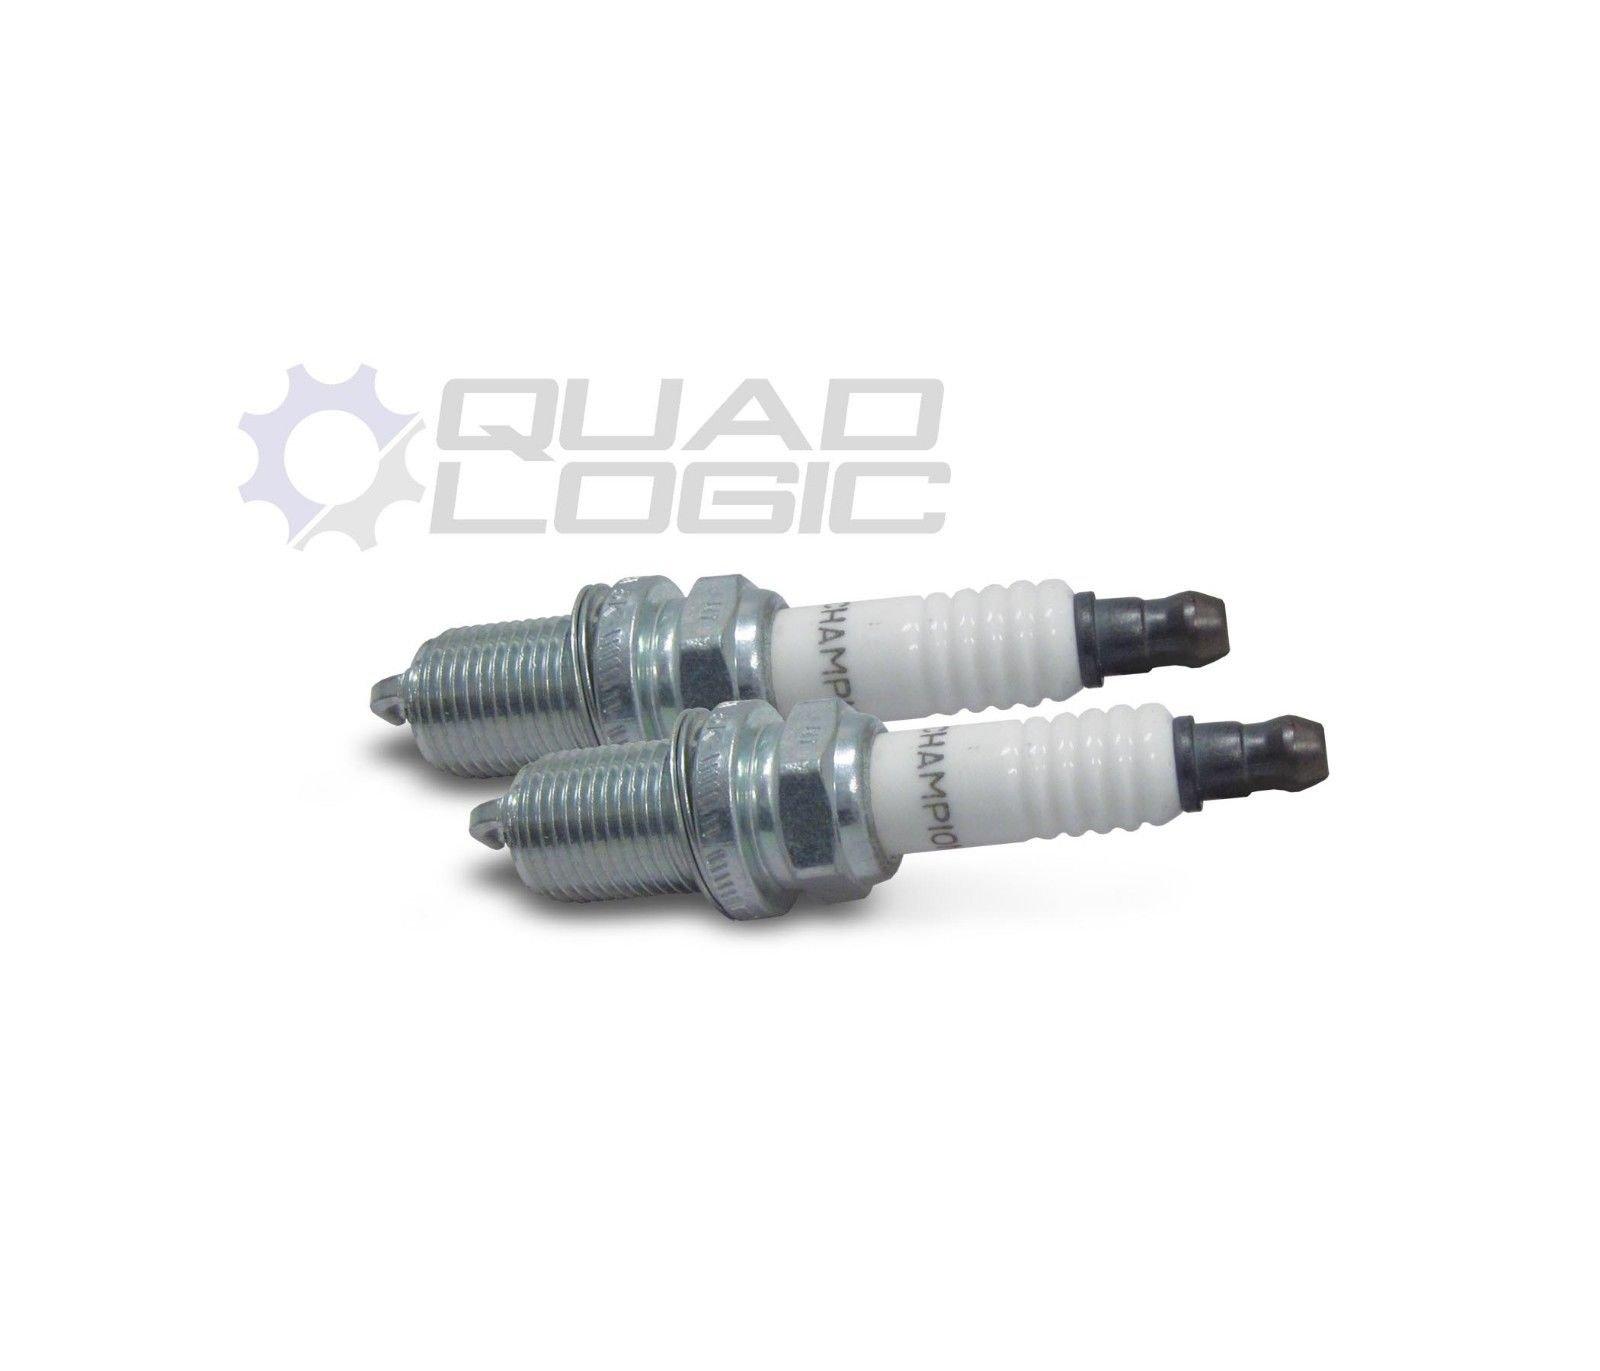 Polaris RZR 900 (2011 2012 2013) UTV Spark Plugs RG4YCX - 3022274 3022462 (PAIR)